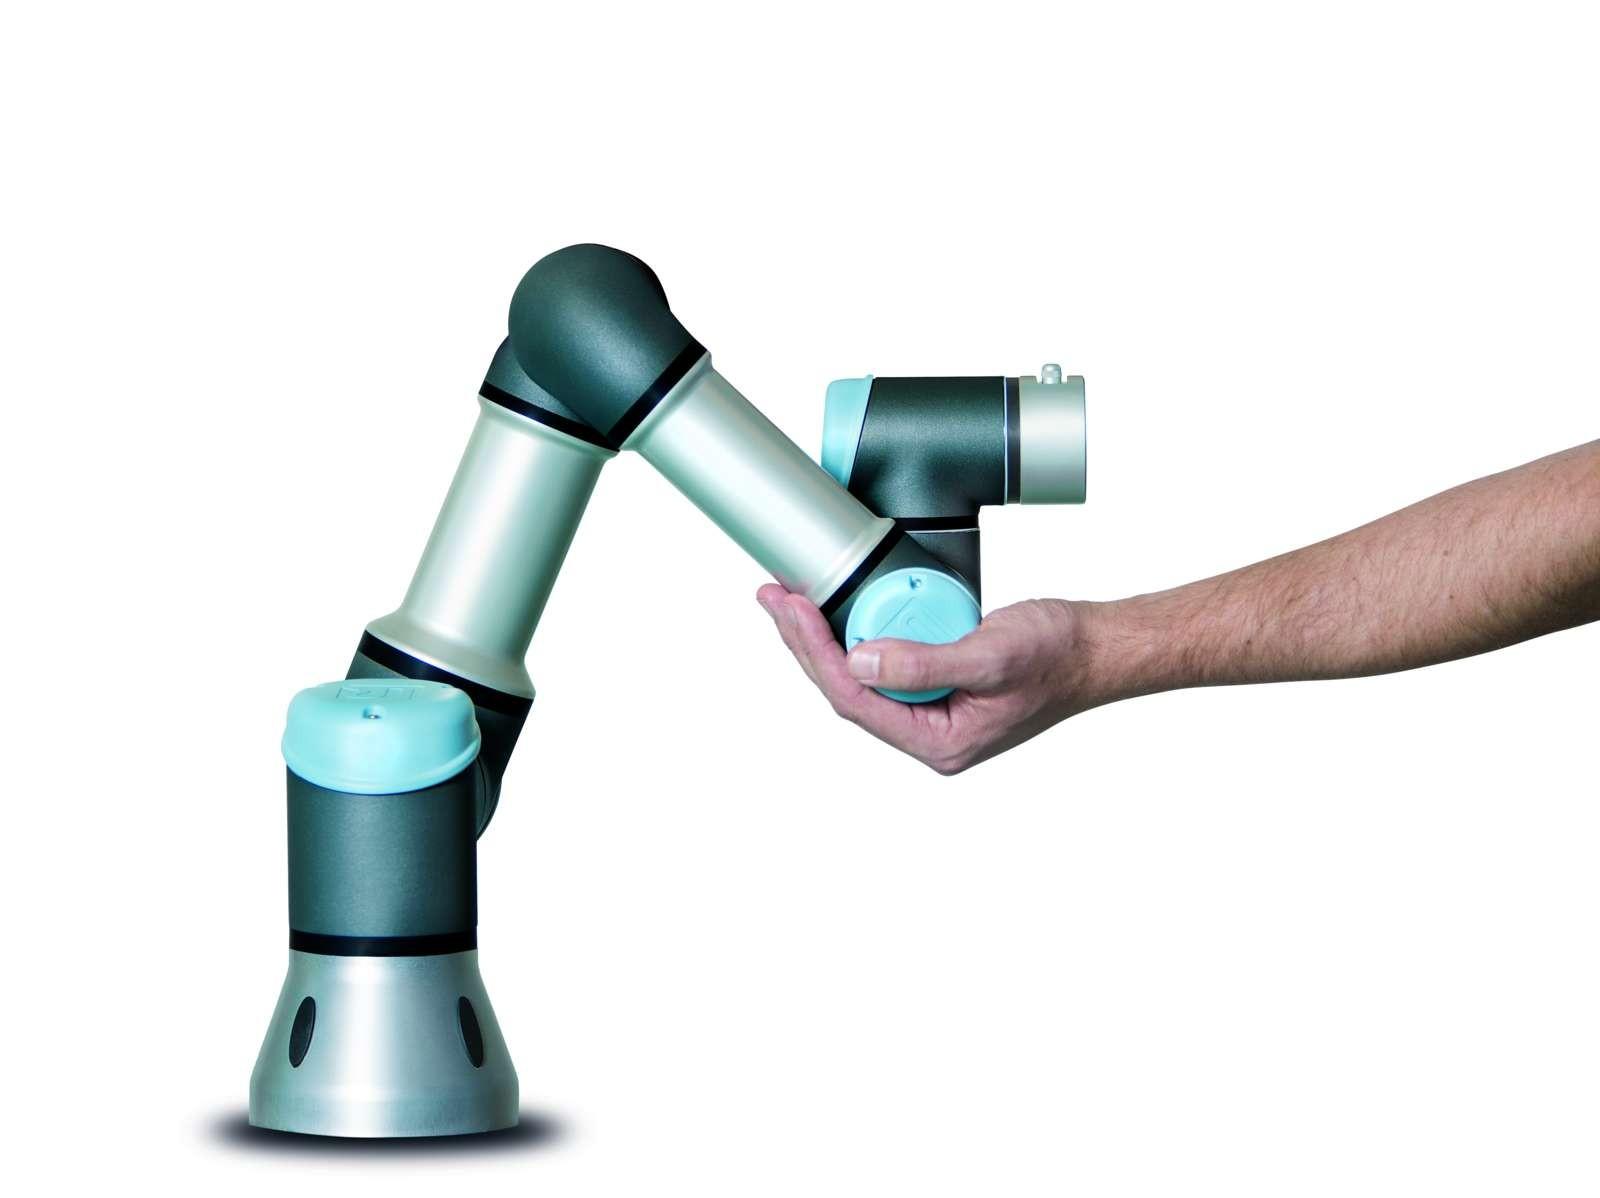 La era de los robots - Royse, Rodamientos y Servicios